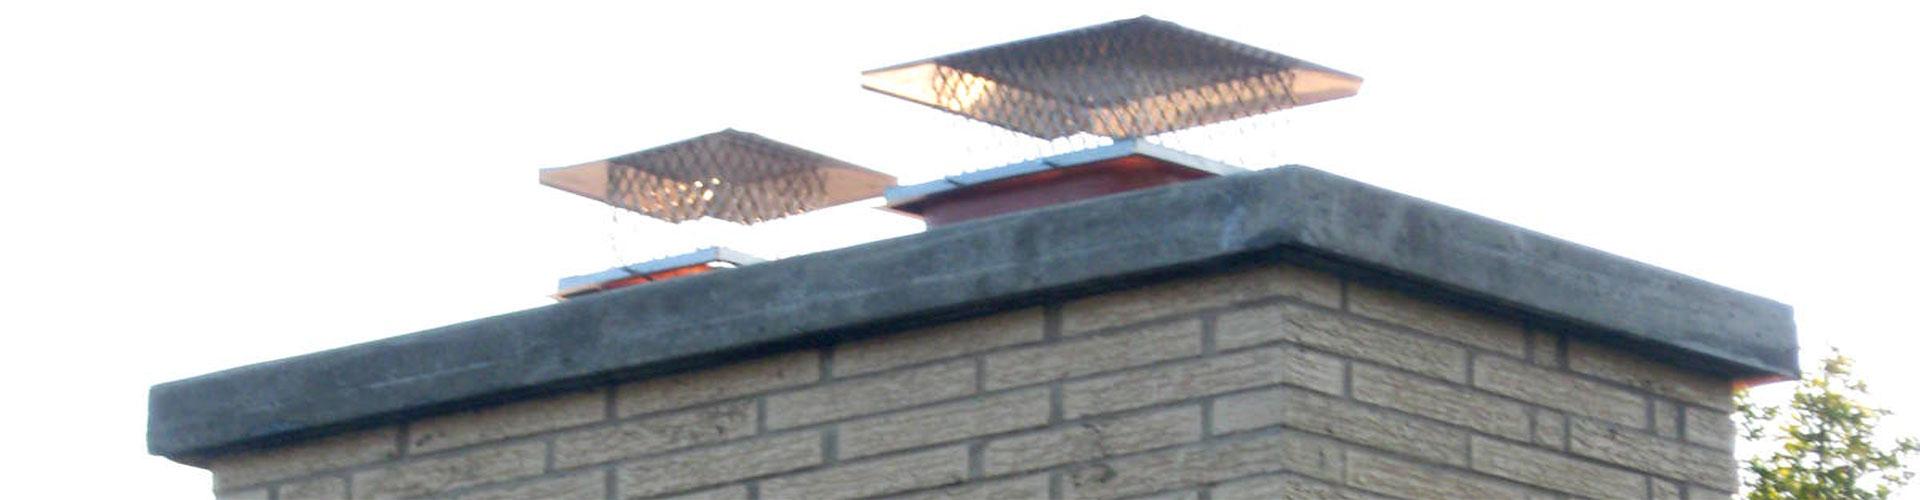 Chimney Sweep Amp Repair Rk Chimney Services